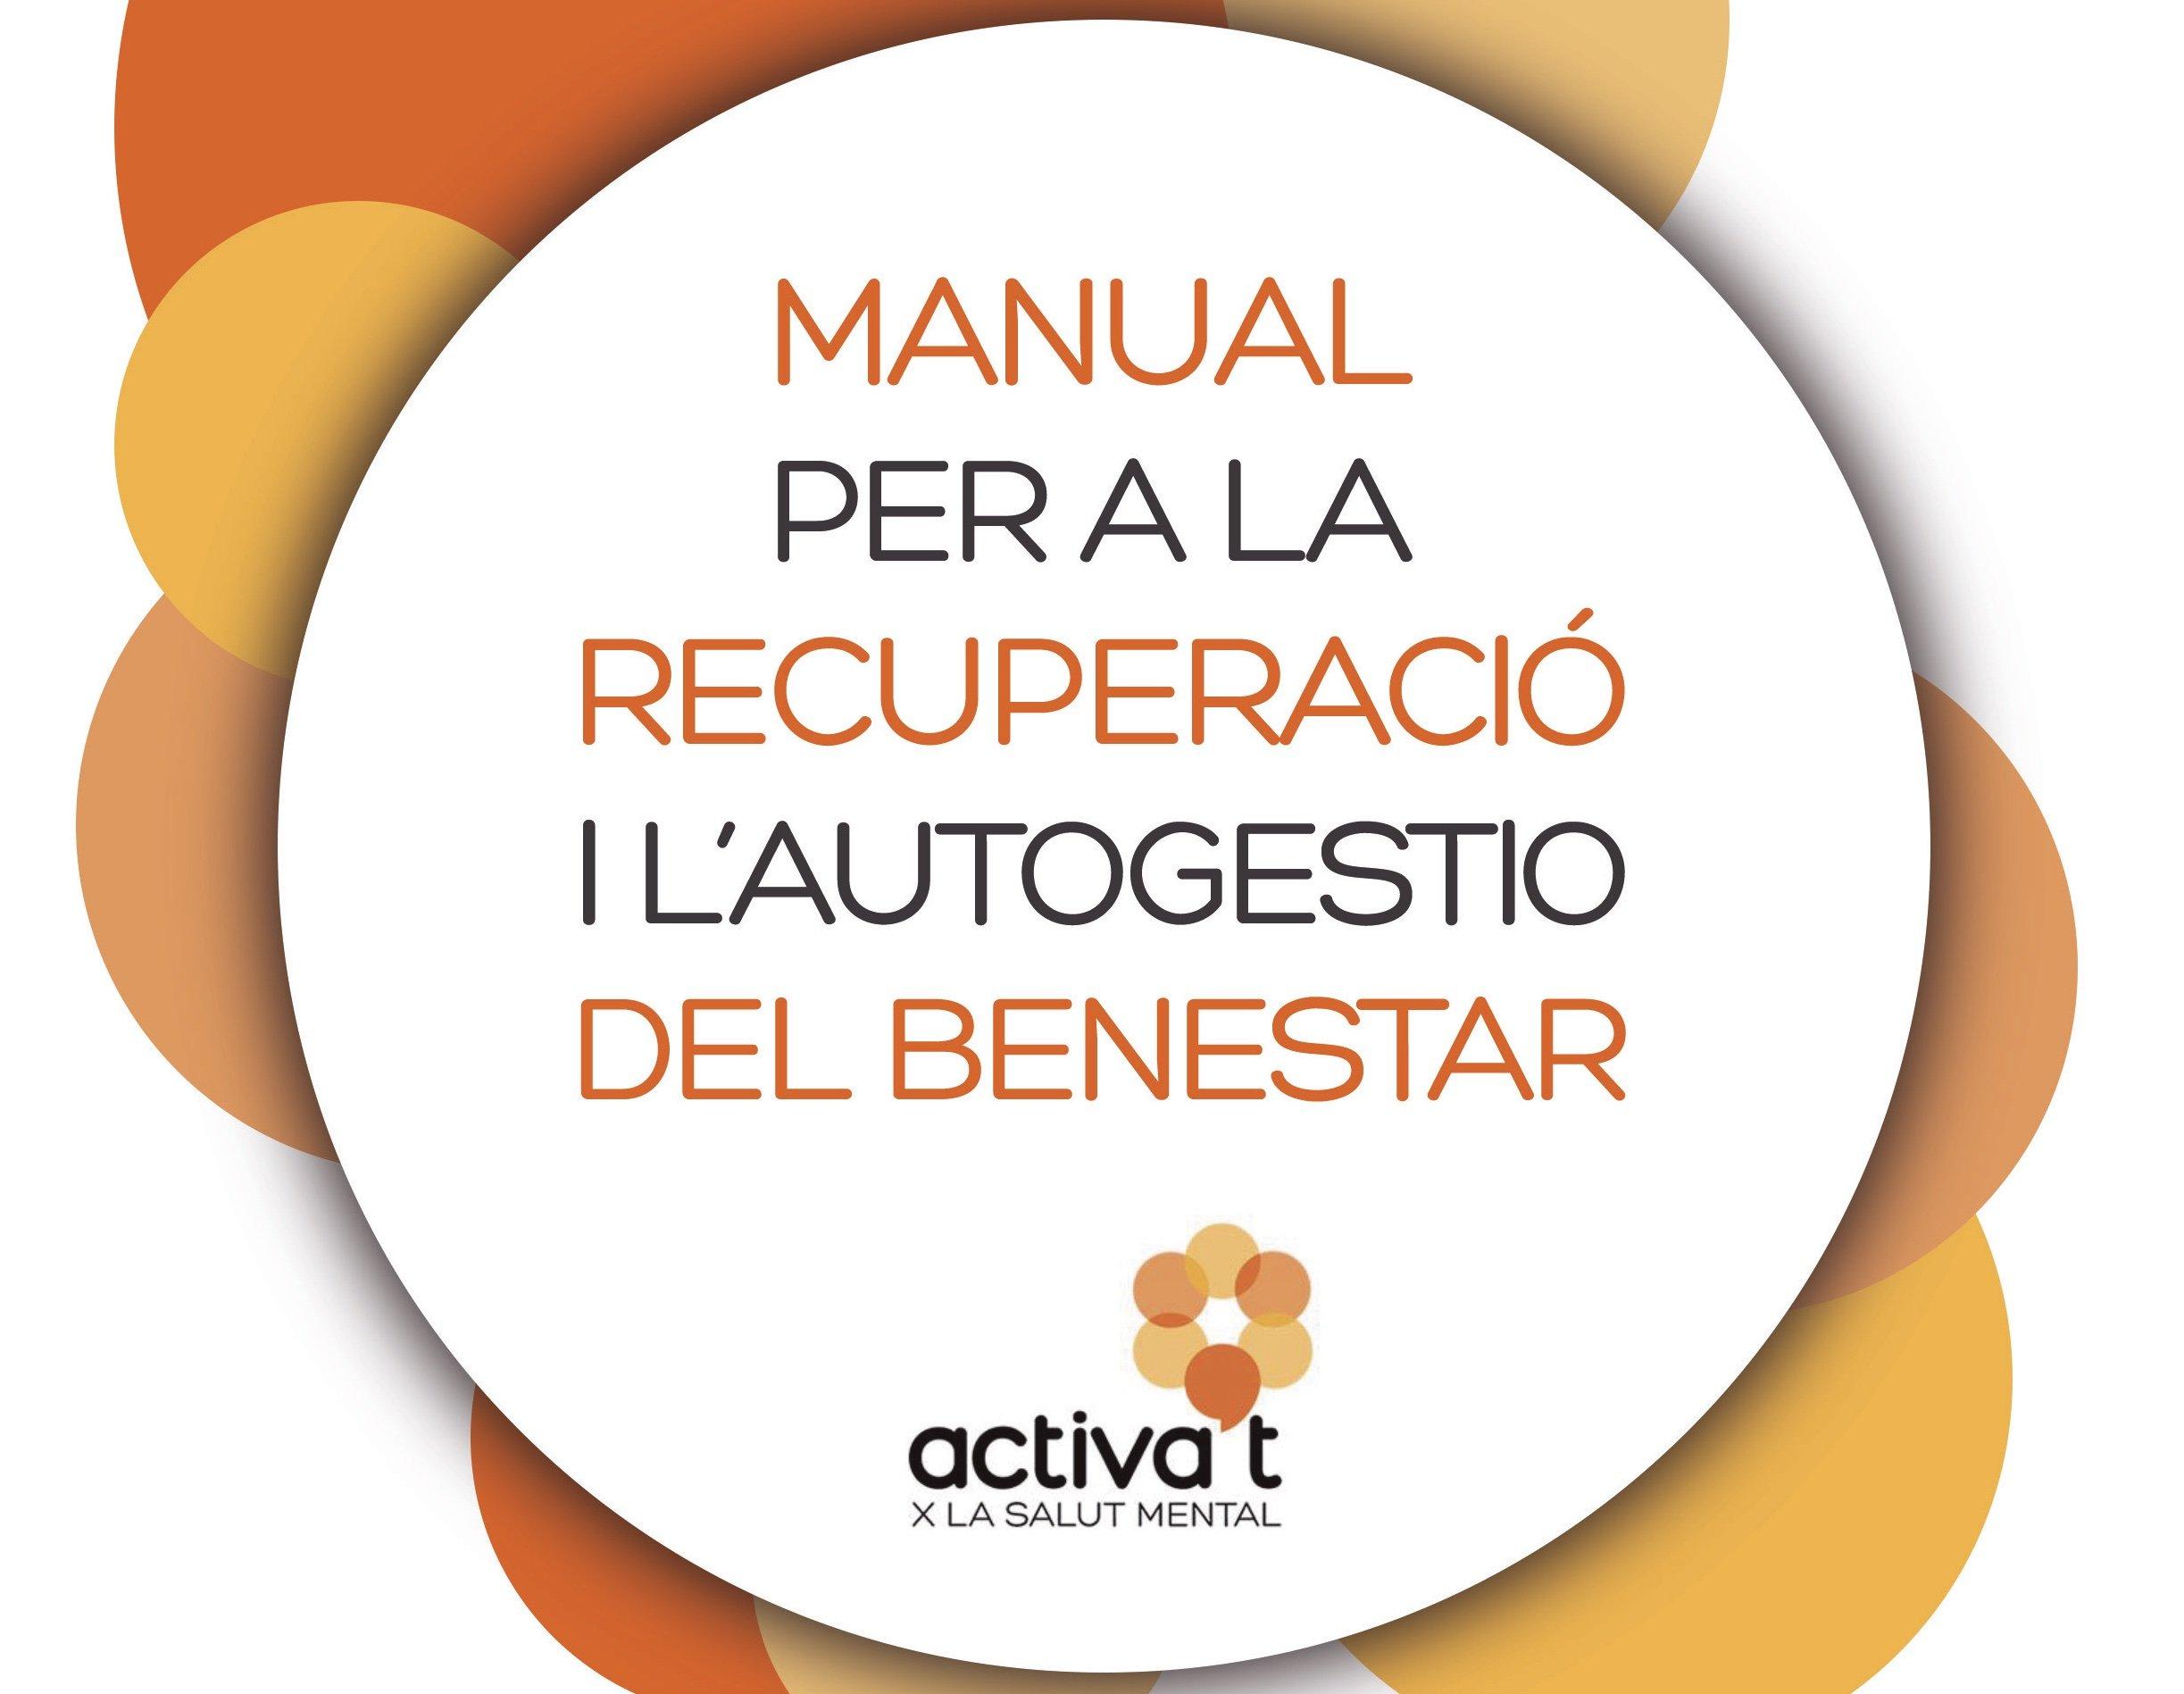 Portada del manual per la recuperació i autogwestió del benestar